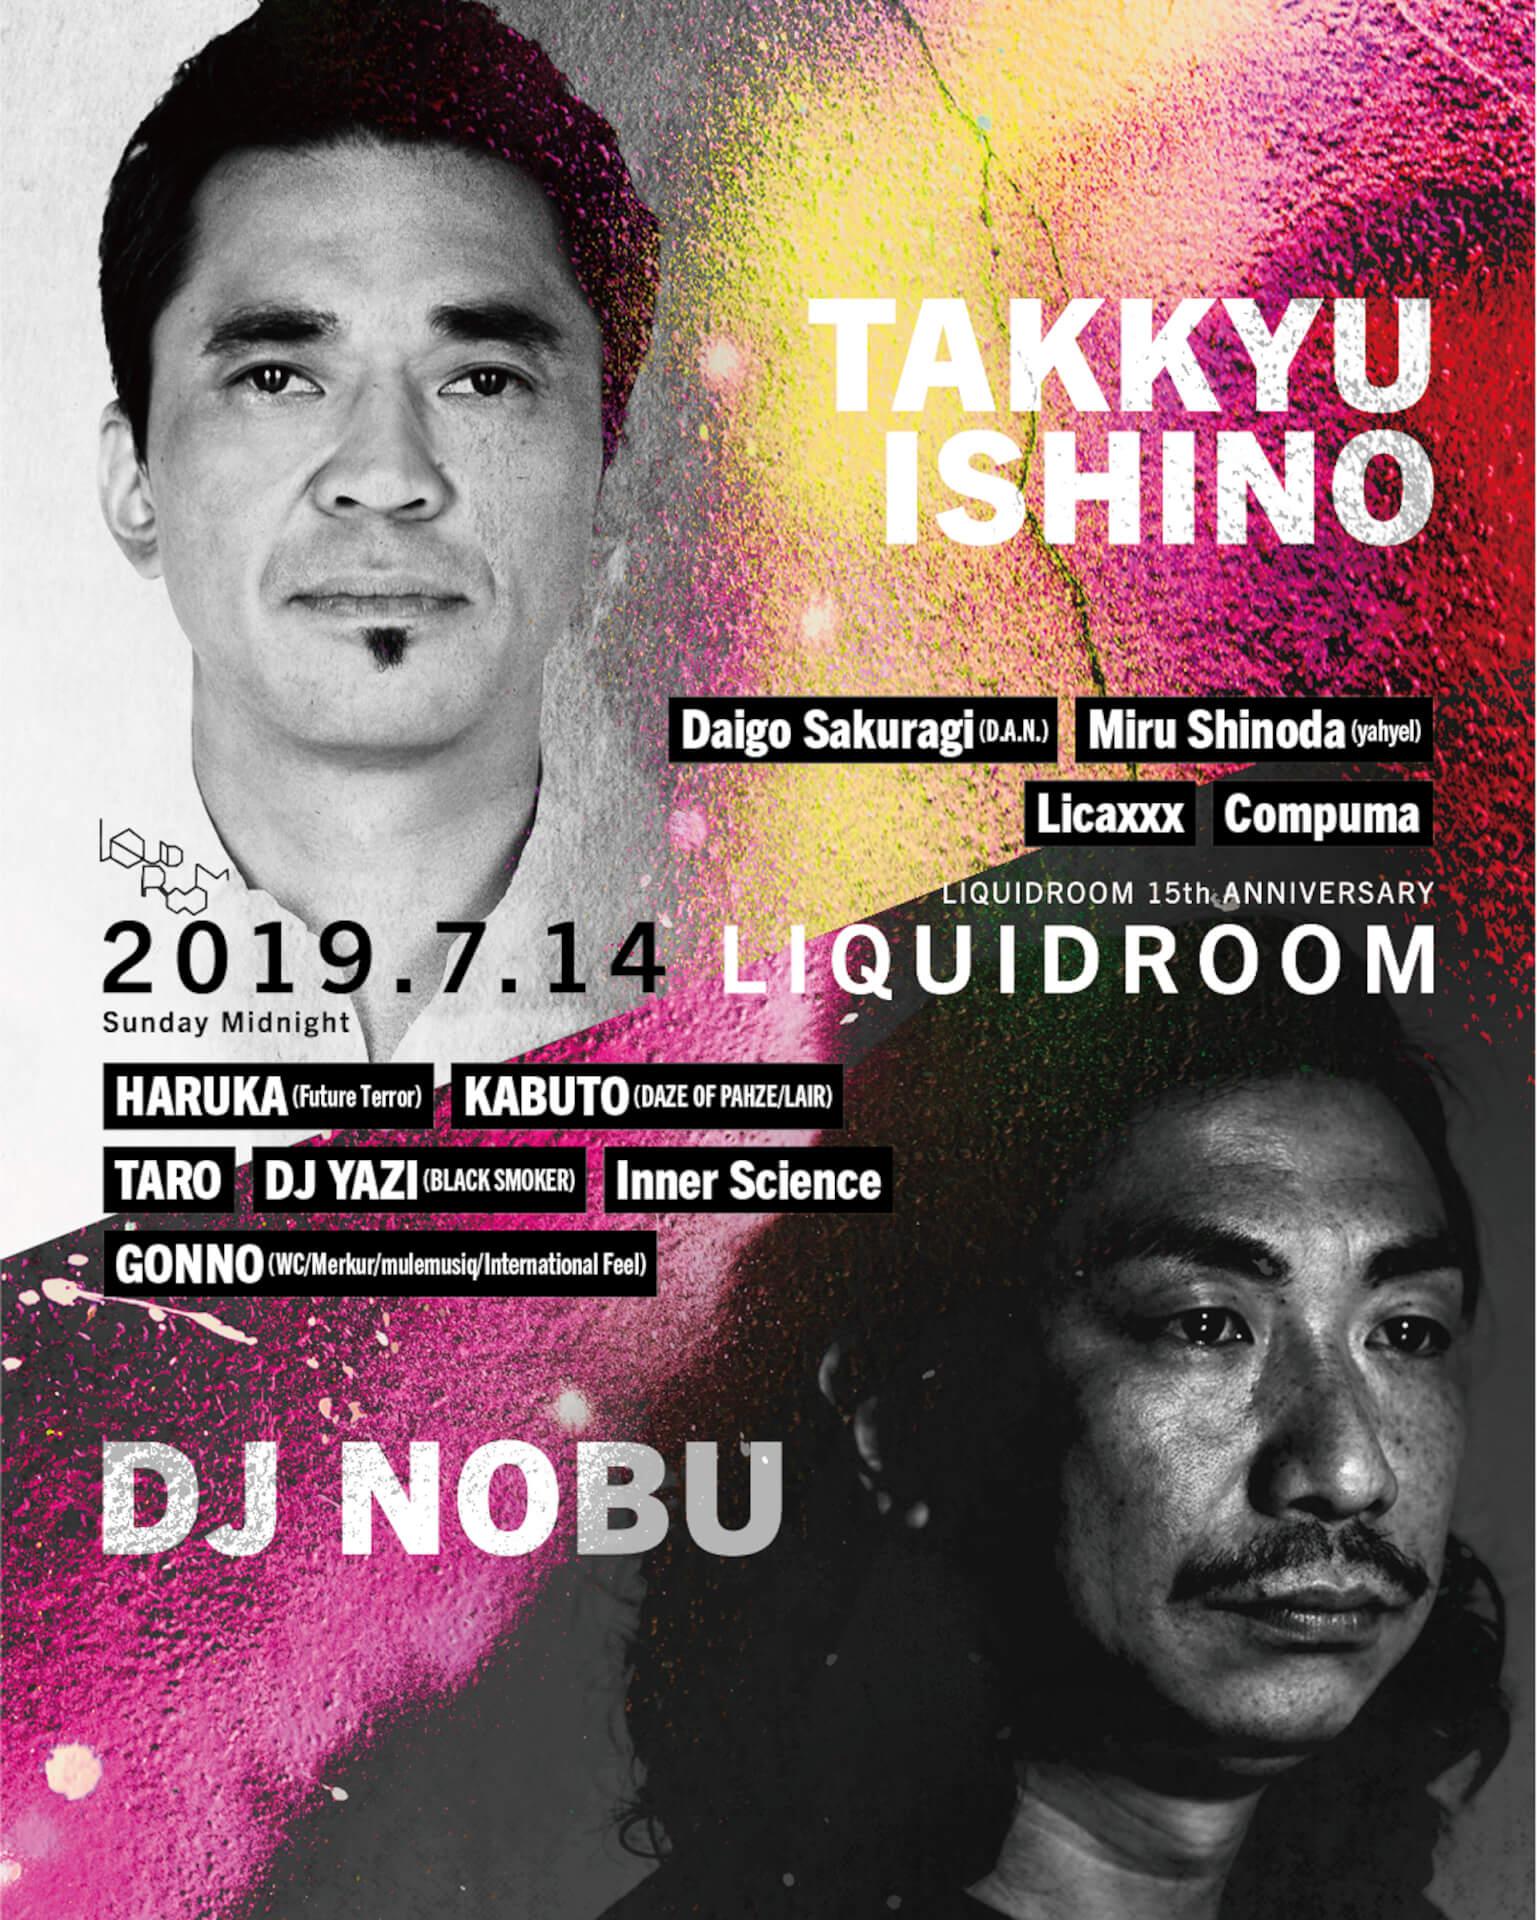 石野卓球とDJ NOBUのオールナイトパーティーにGONNOの出演決定 liquidroom15th-190705-1